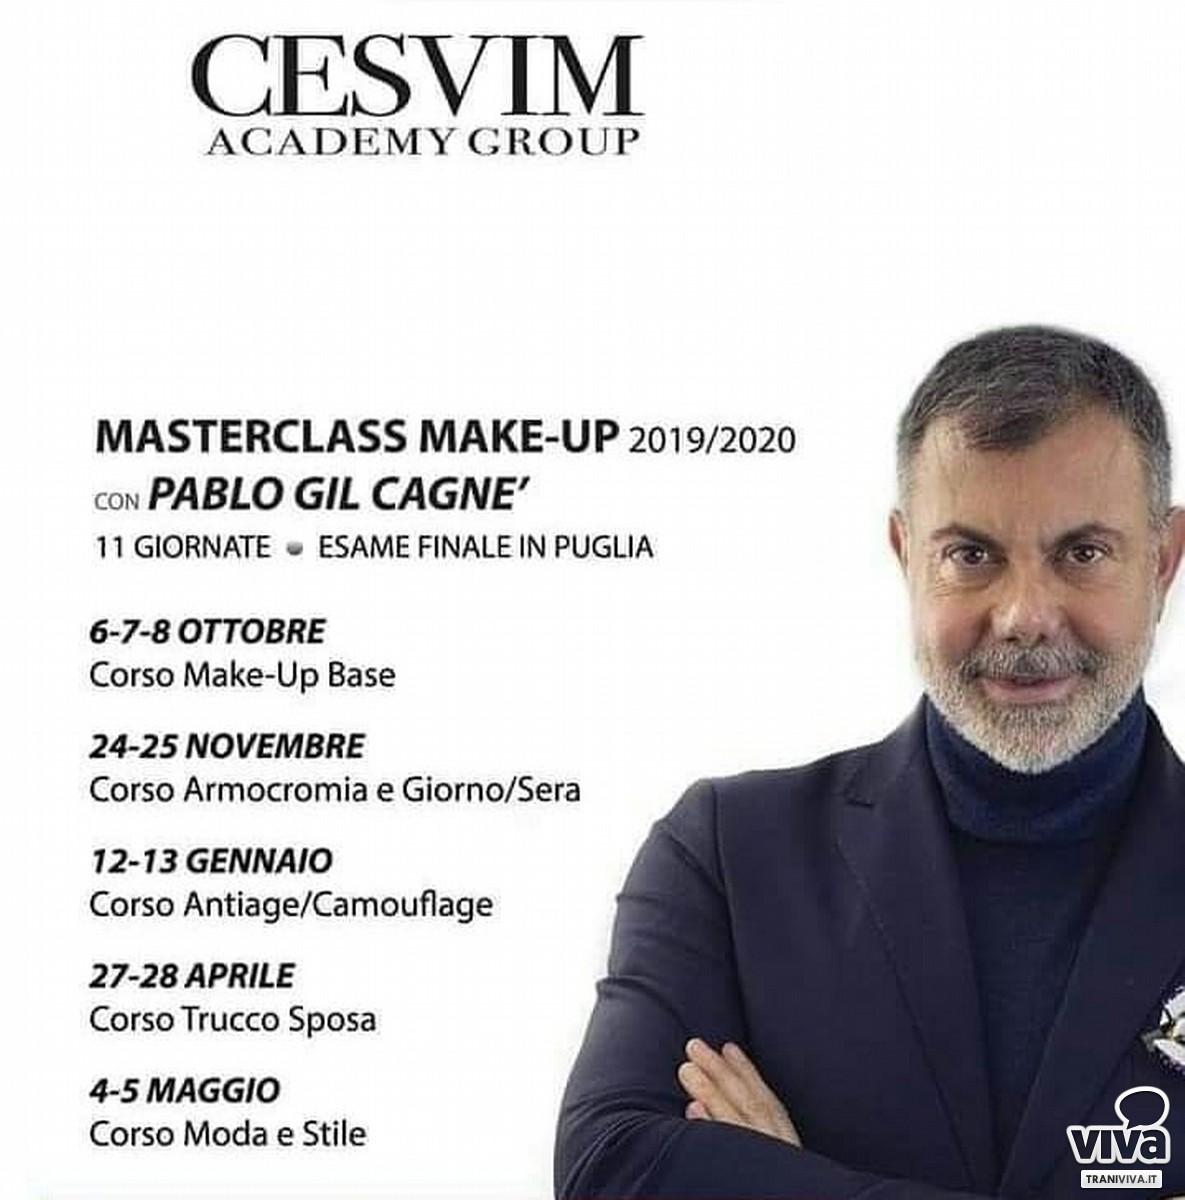 Novità in Puglia: Pablo Gil Cagnè con Cesvim Academy a Trani